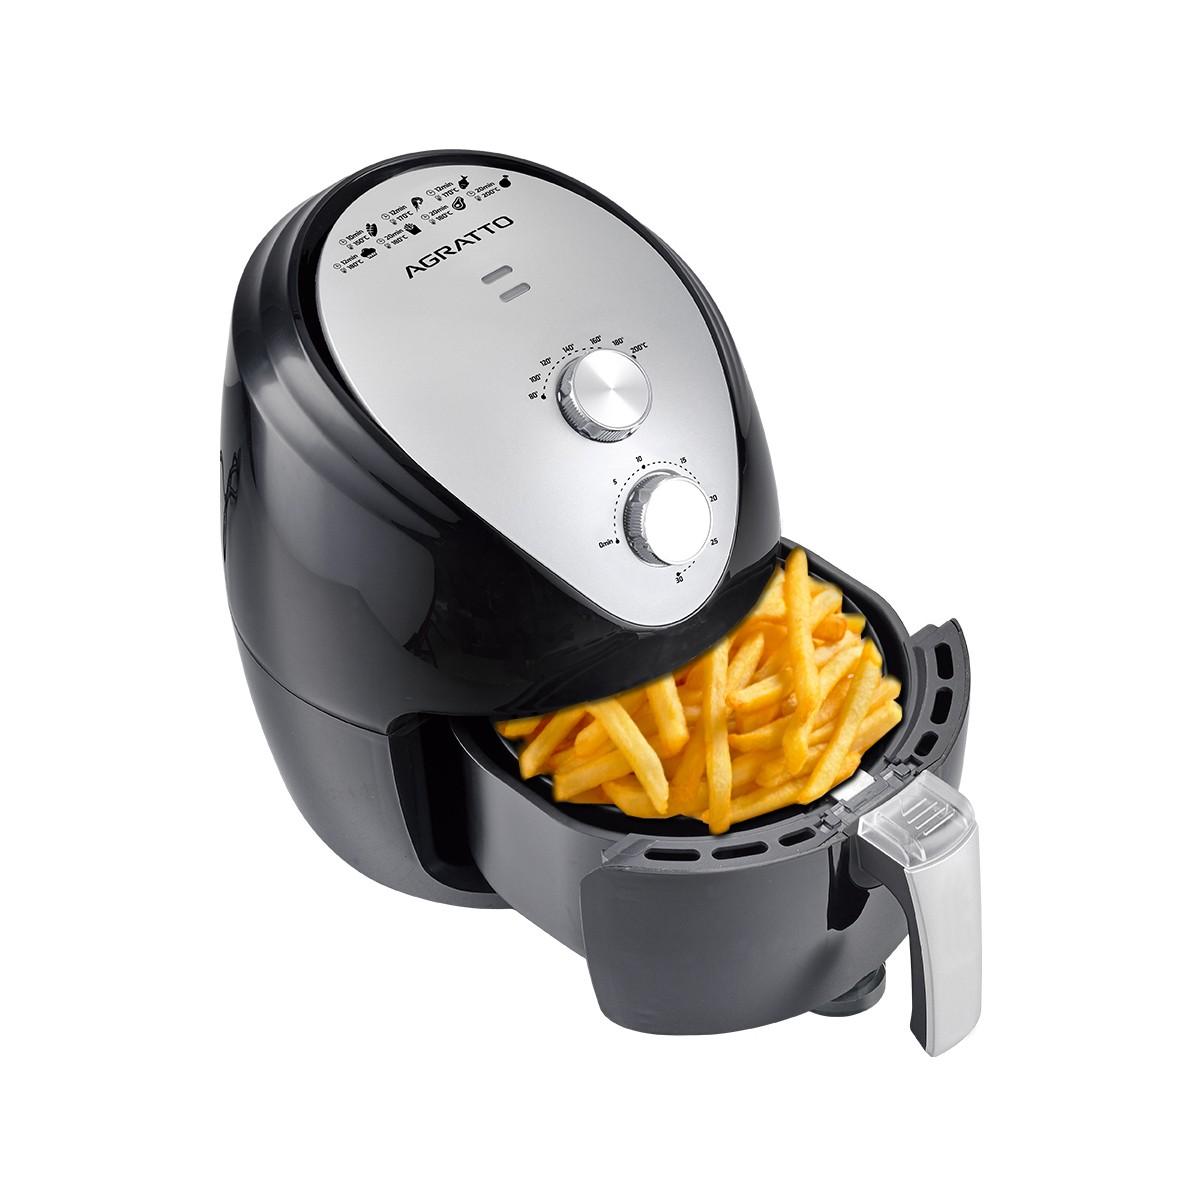 Fritadeira Elétrica Sem Óleo Agratto Air Fryer 2.5l